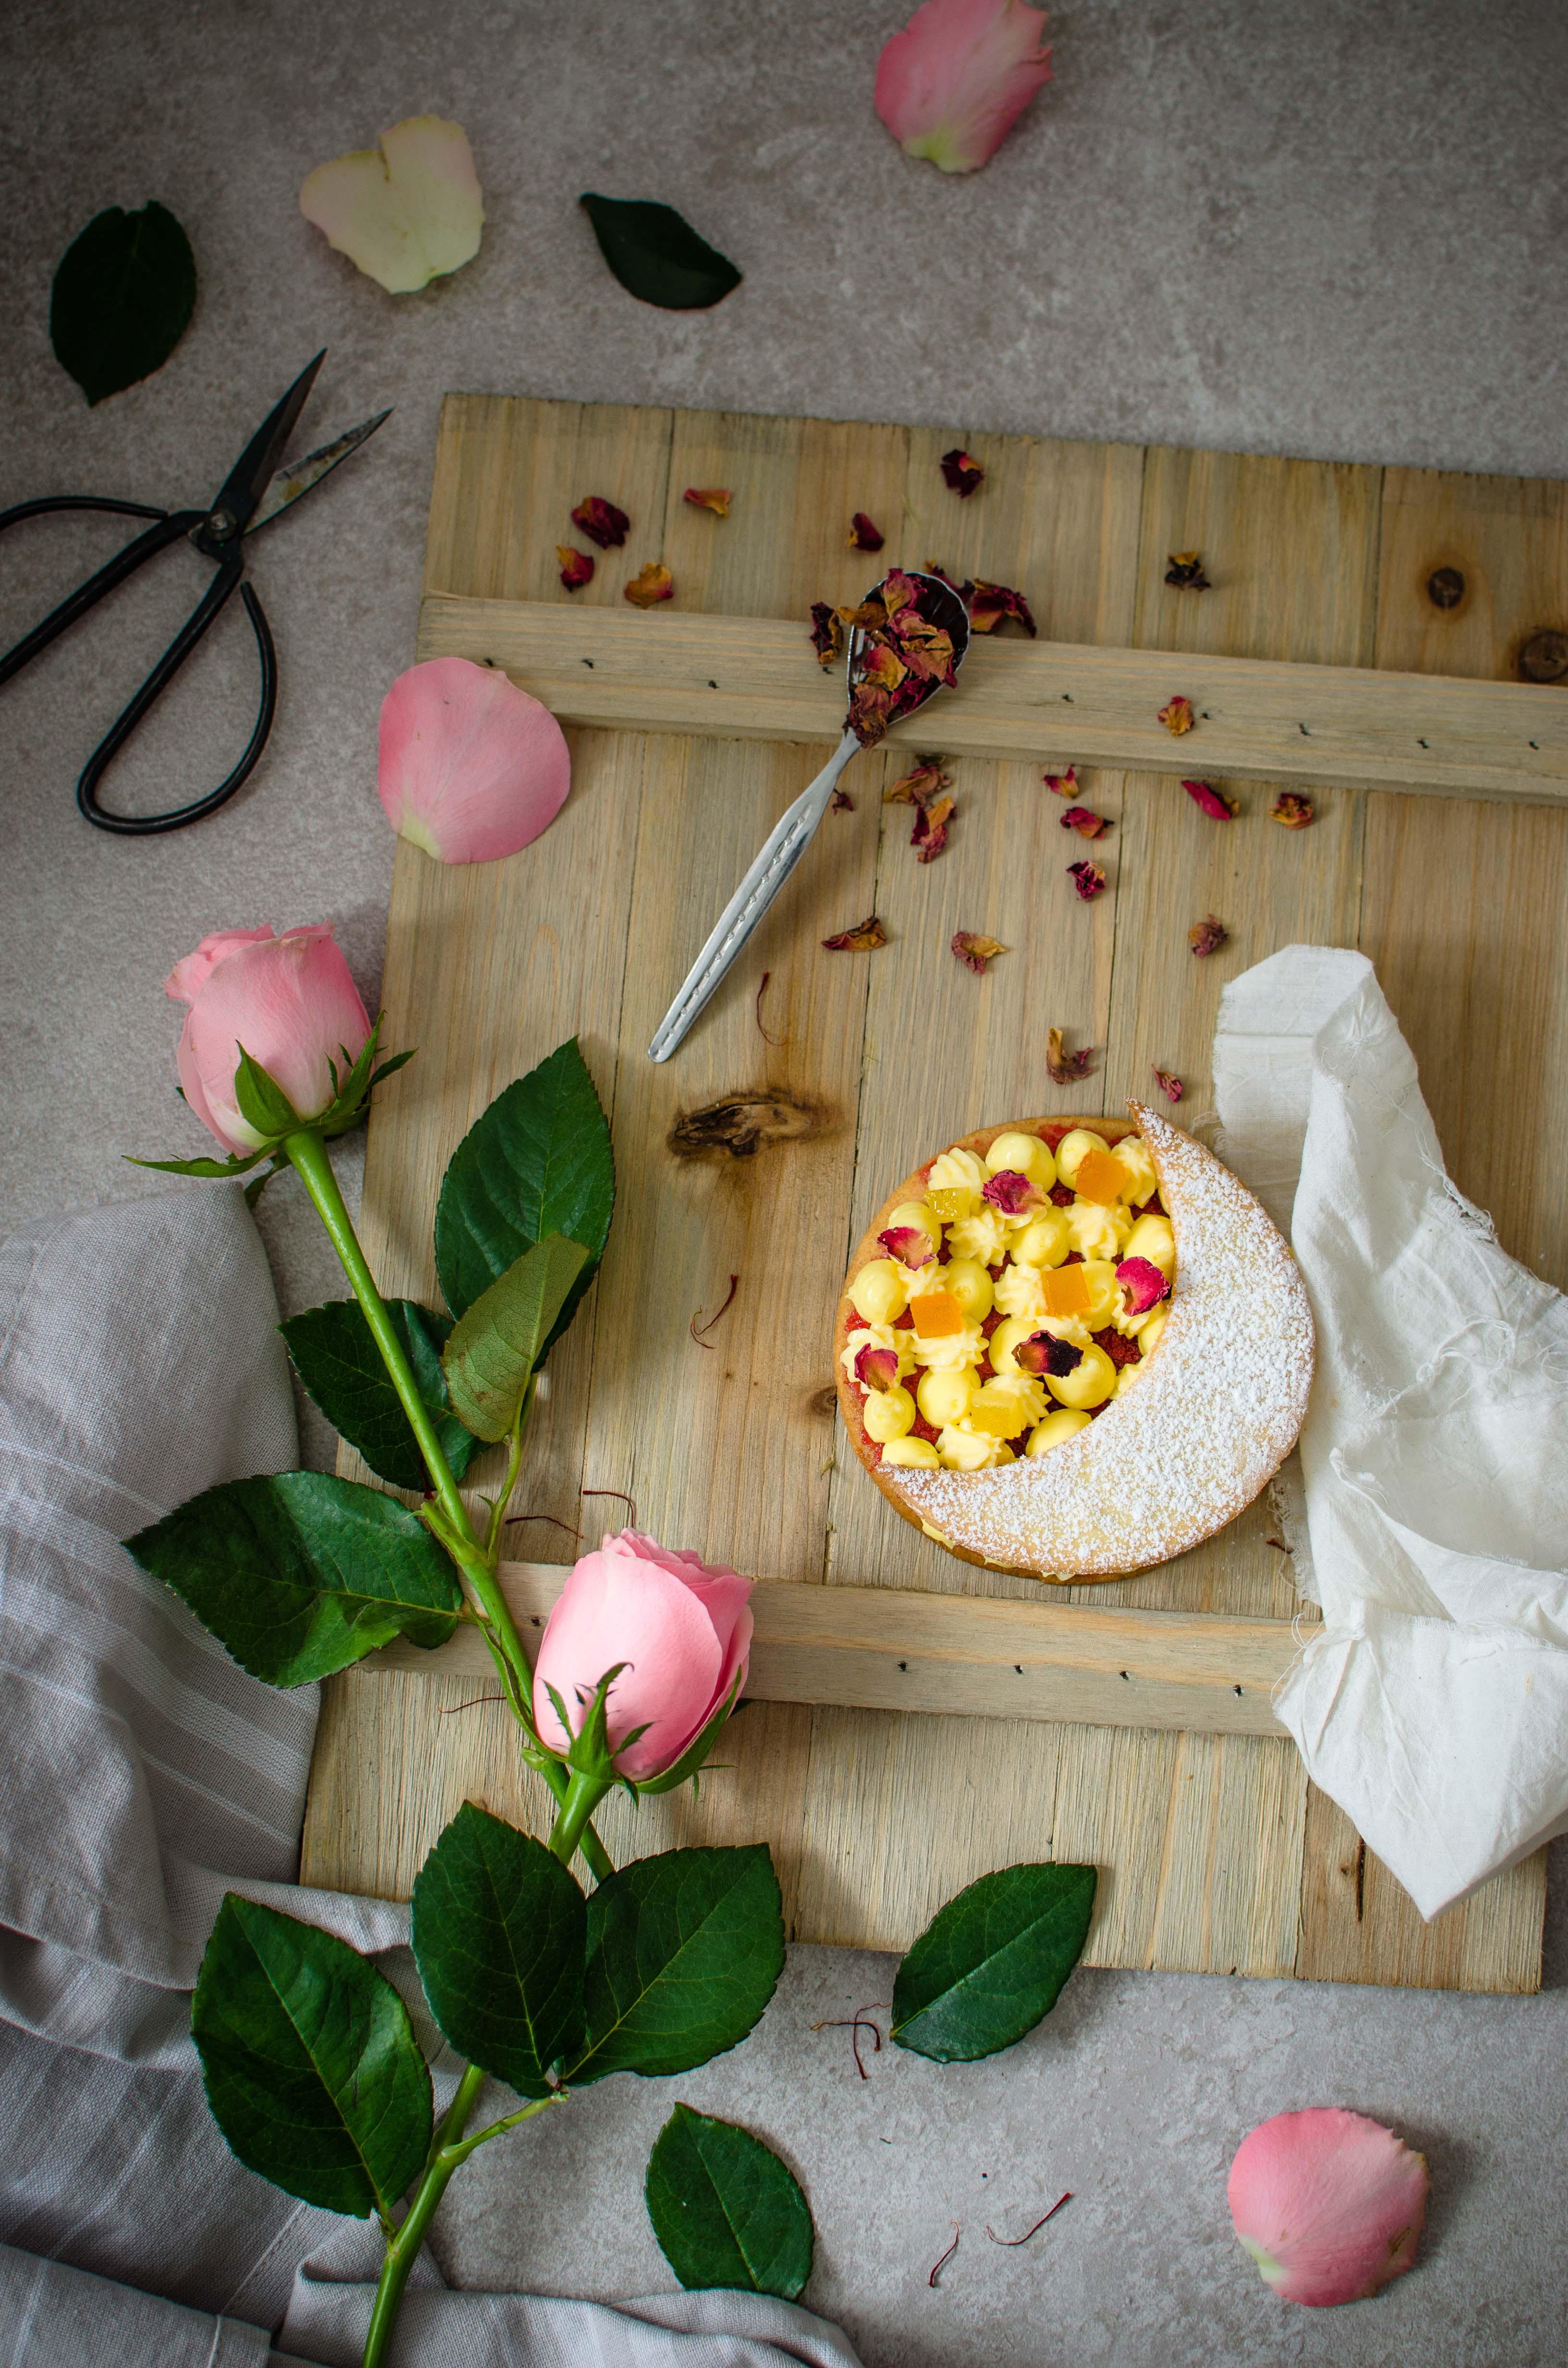 zafferano_agrumi_rosa2 Tartelette zafferano, agrumi e rose